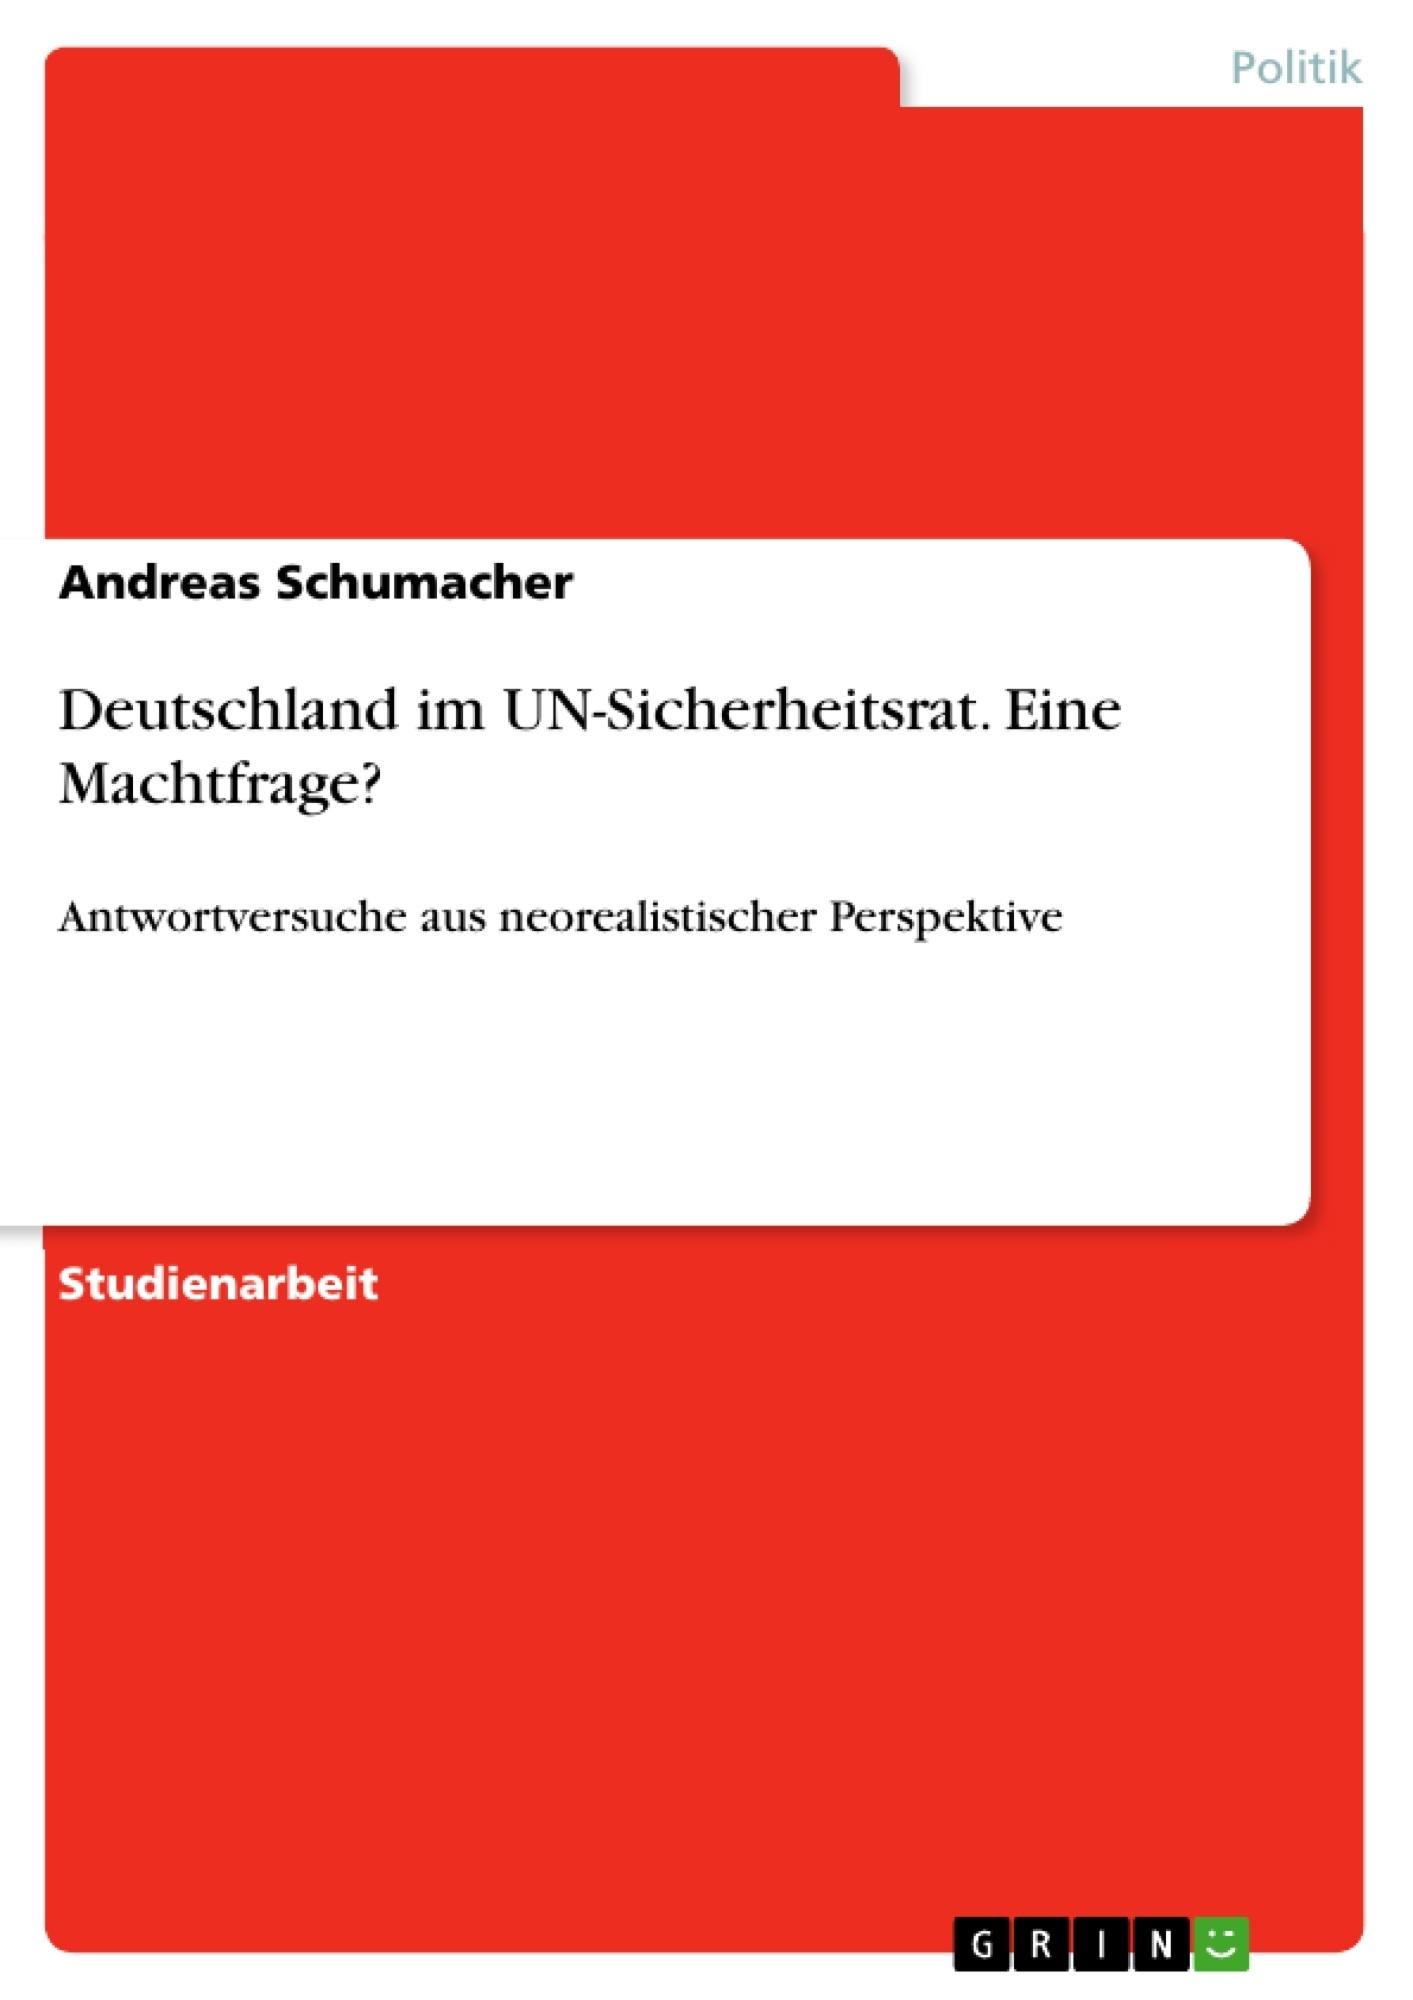 Titel: Deutschland im UN-Sicherheitsrat. Eine Machtfrage?